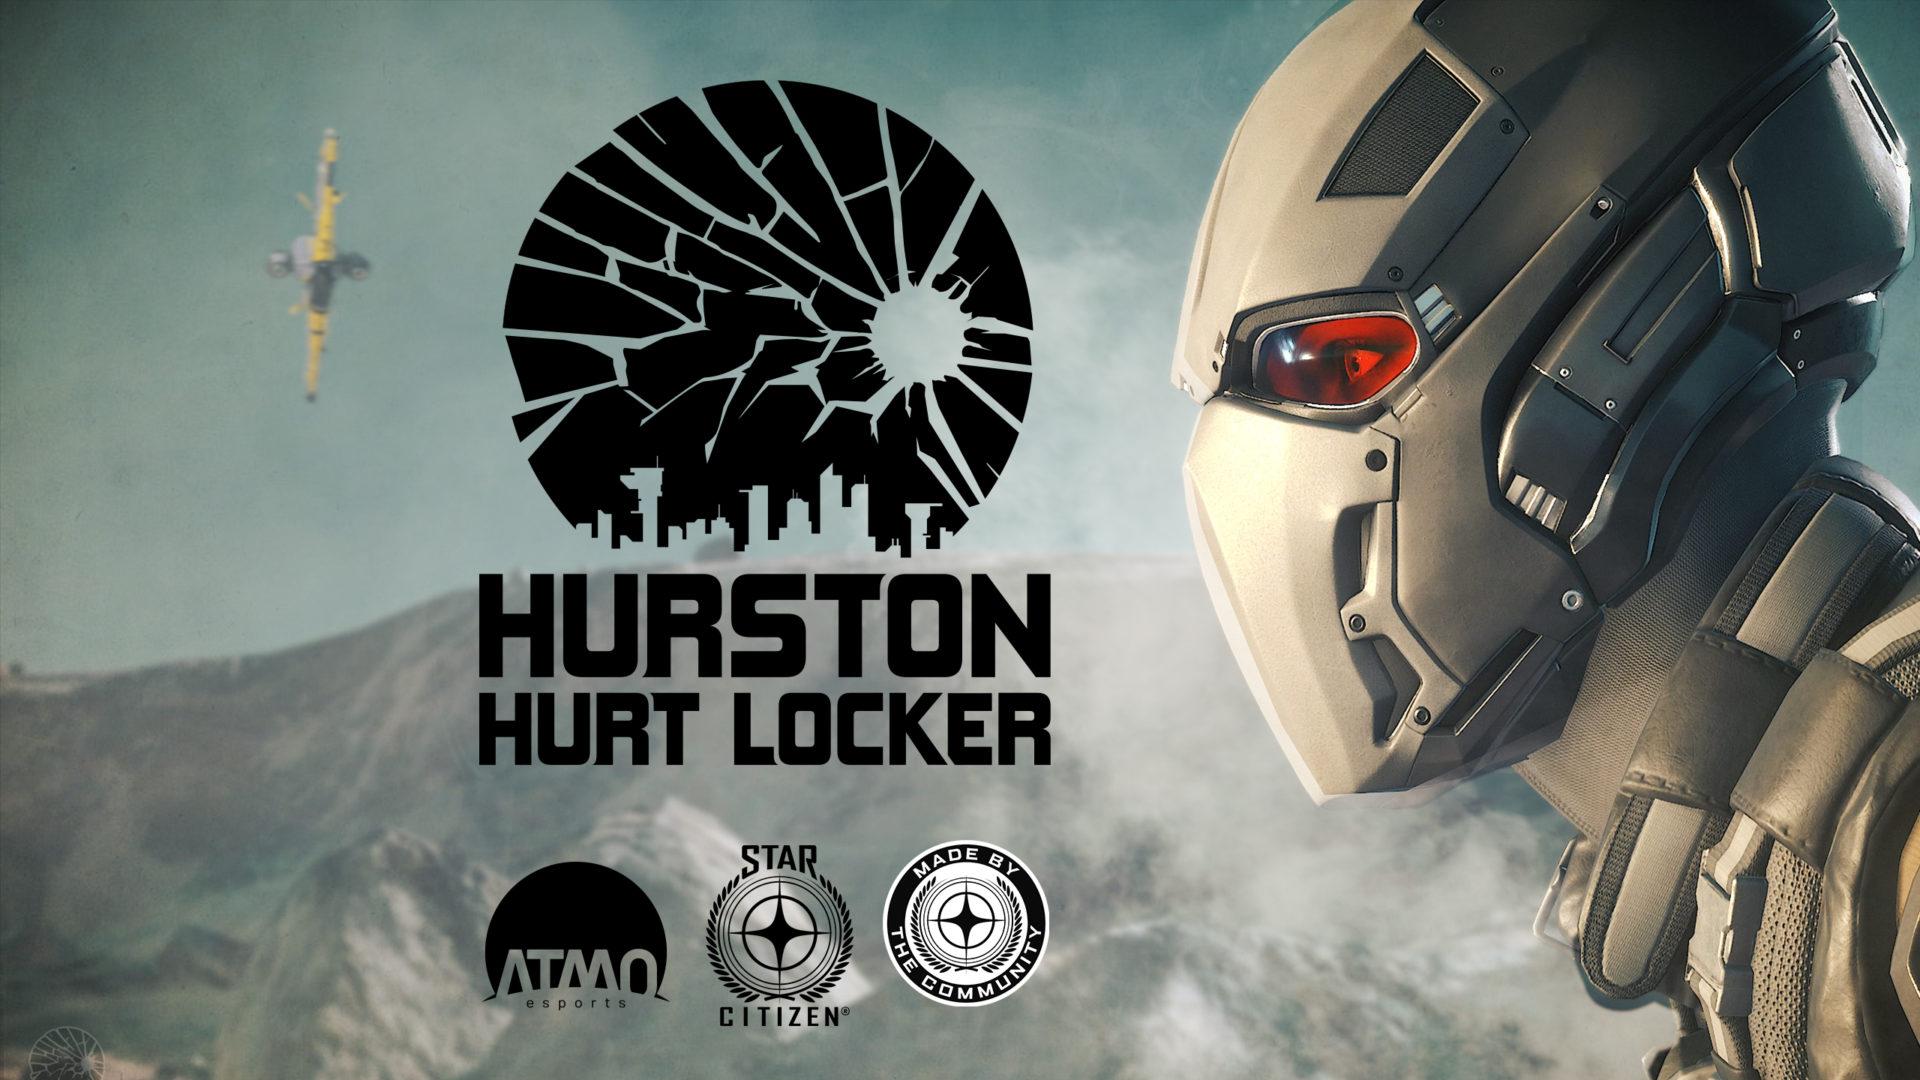 Hurston Hurt Locker Promo thumbnail